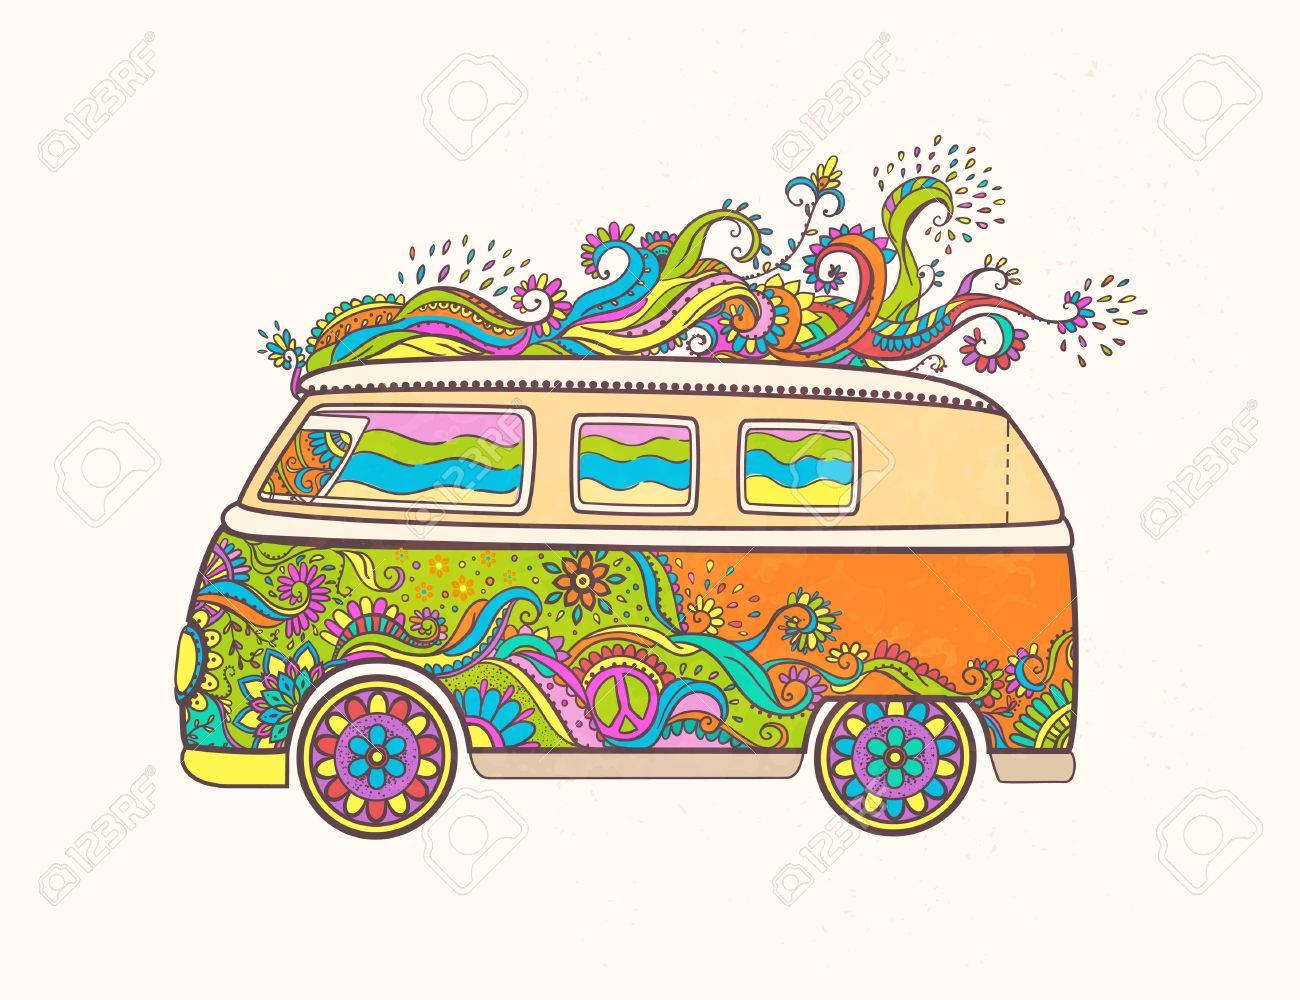 348 Hippie free clipart.